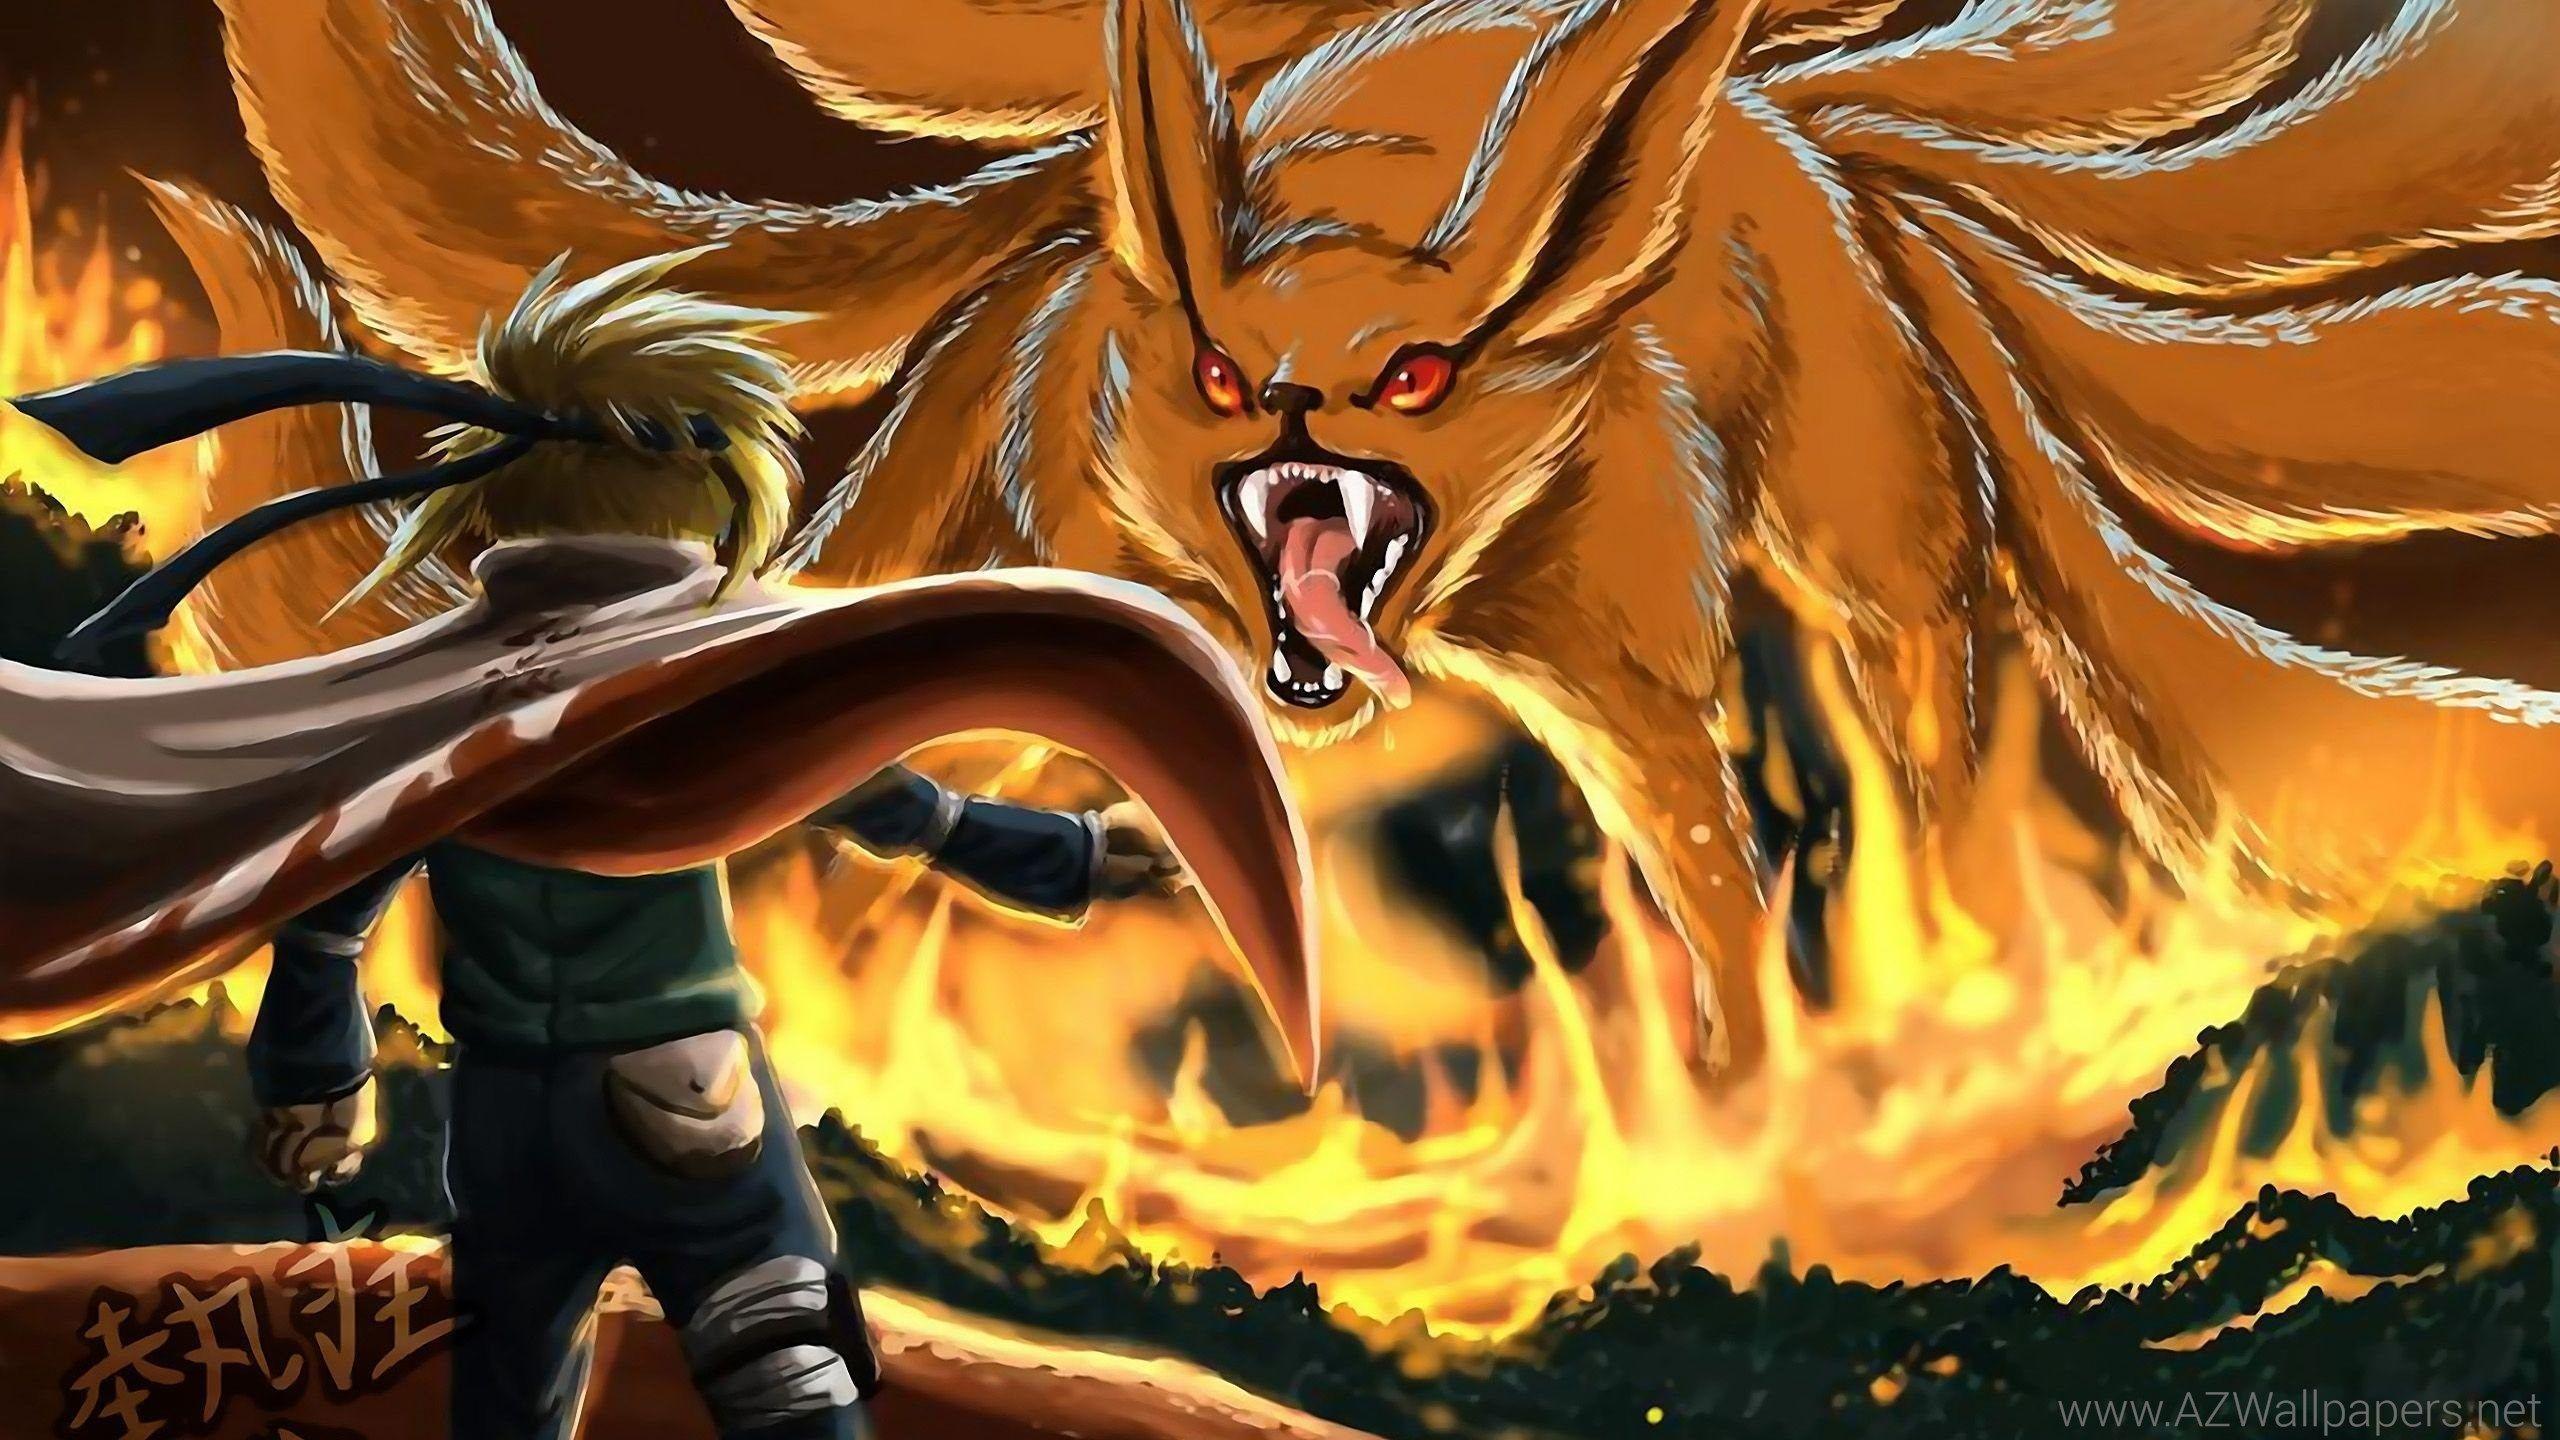 Naruto Live Wallpaper for PC (с изображениями) Наруто